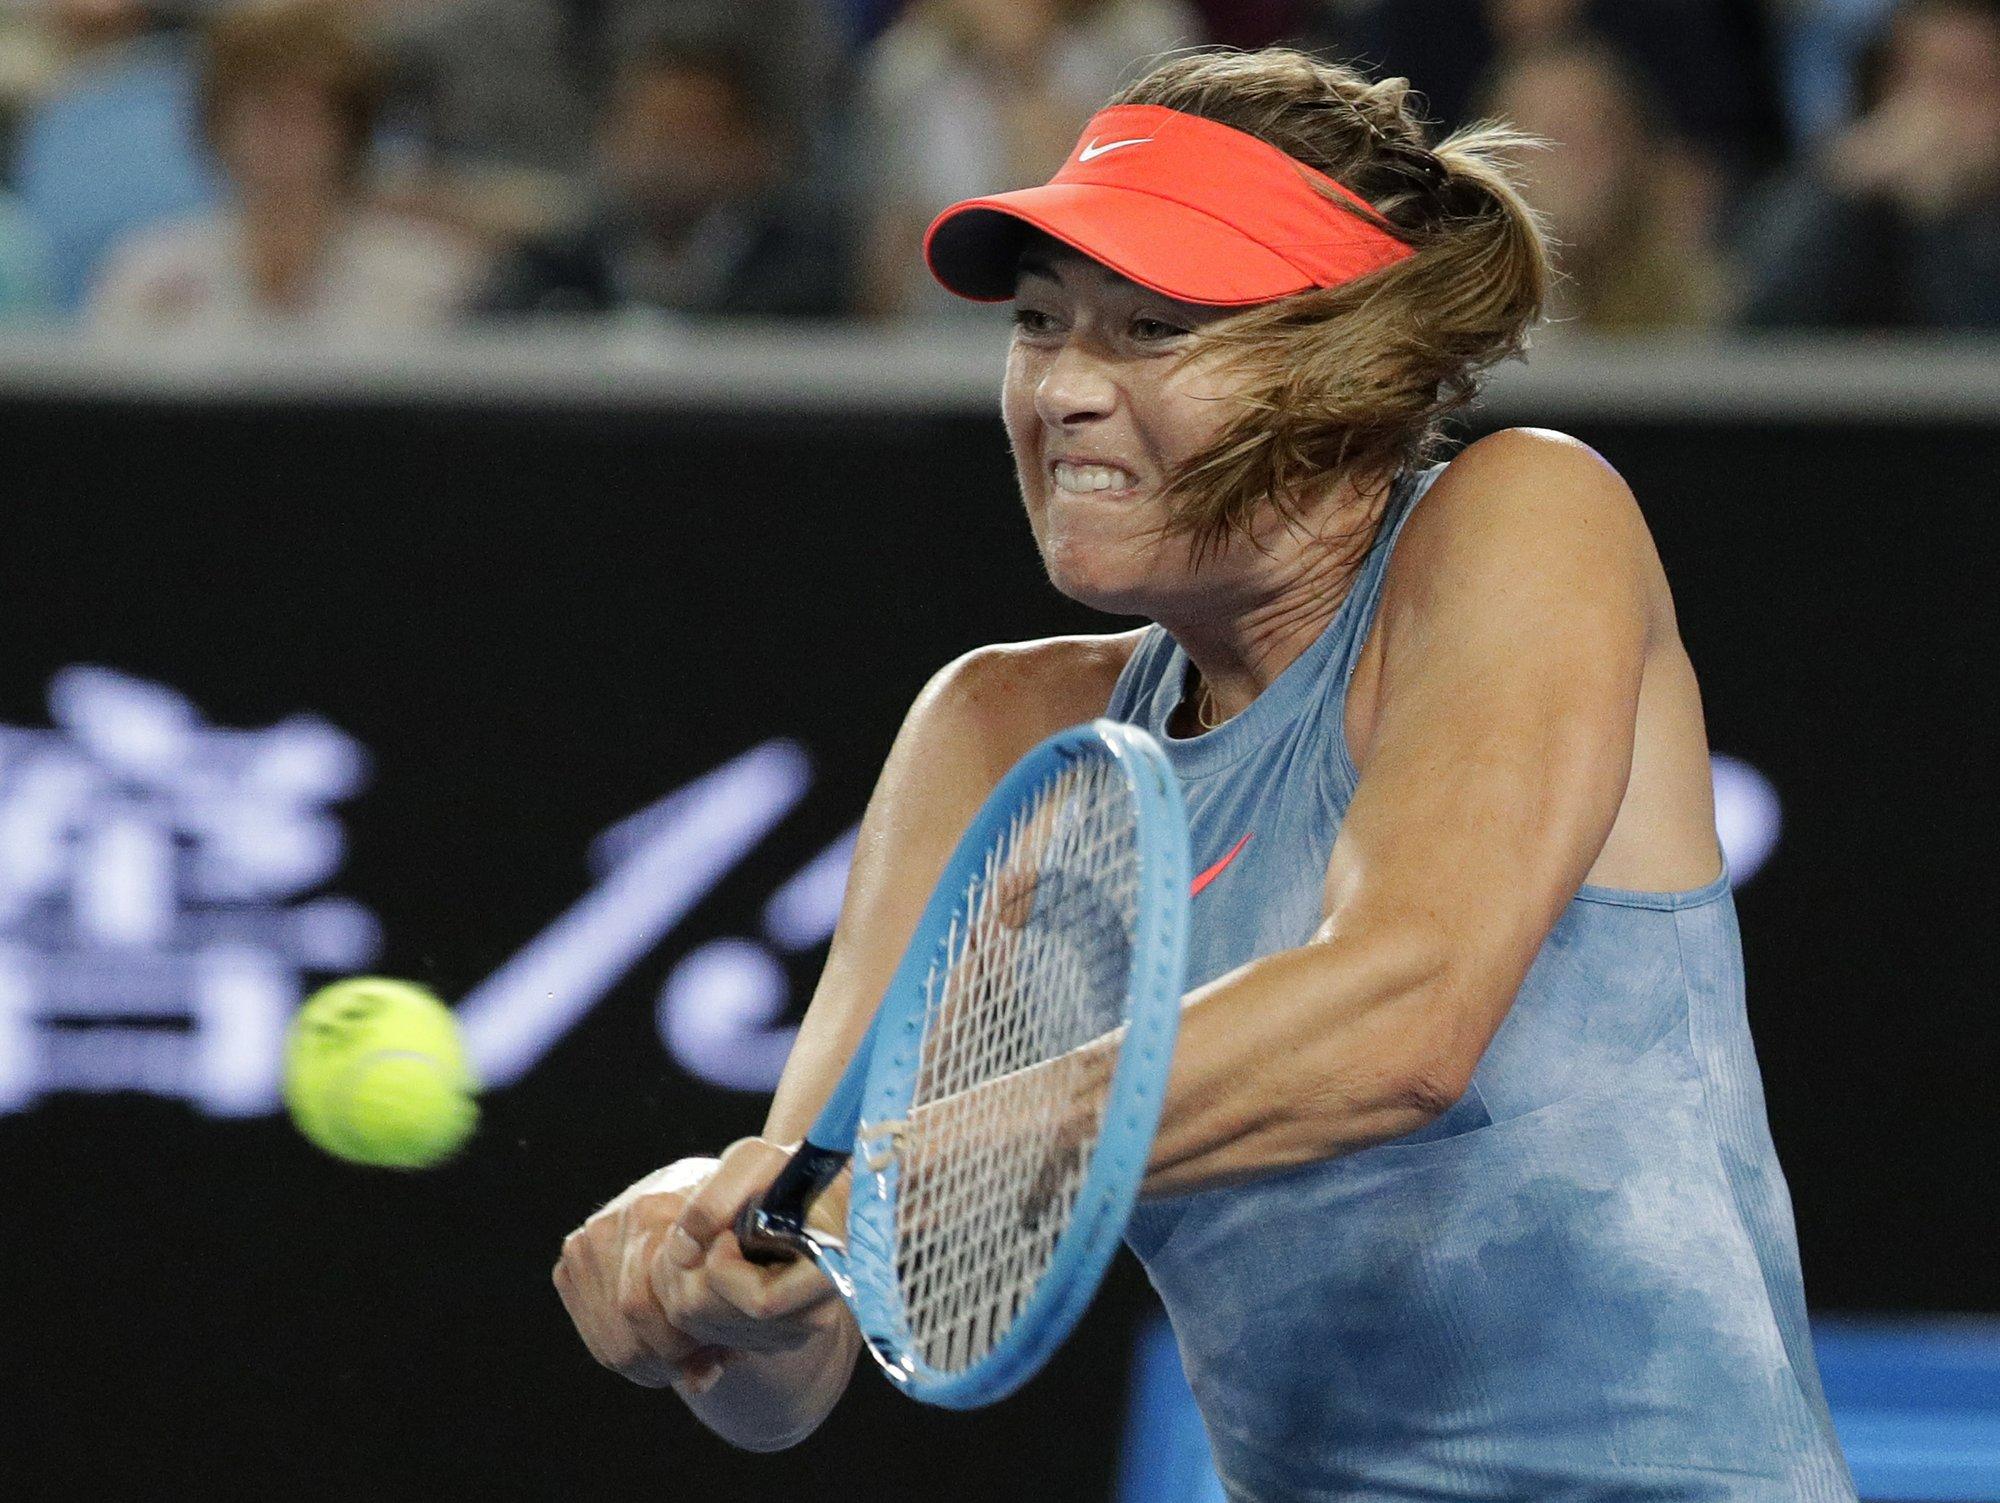 Sharapova, Wozniacki to meet in 3rd round at Australia Open